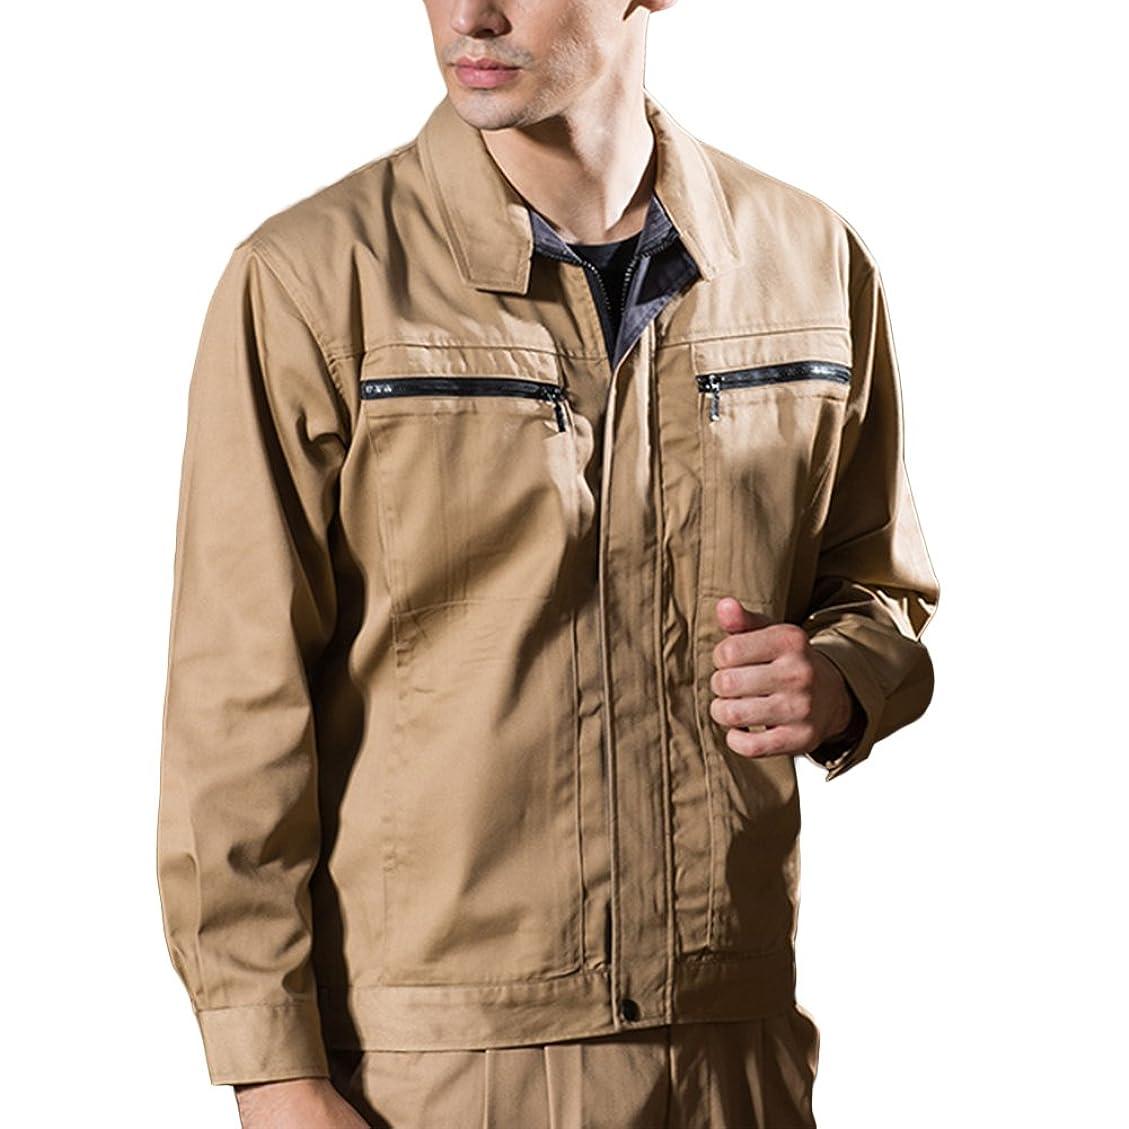 サポート味わう寸法TAOHUA 作業服 ワークウェア メンズ上下セット 工場 労働保険服 建築 耐摩耗 自動車修理 男女兼用